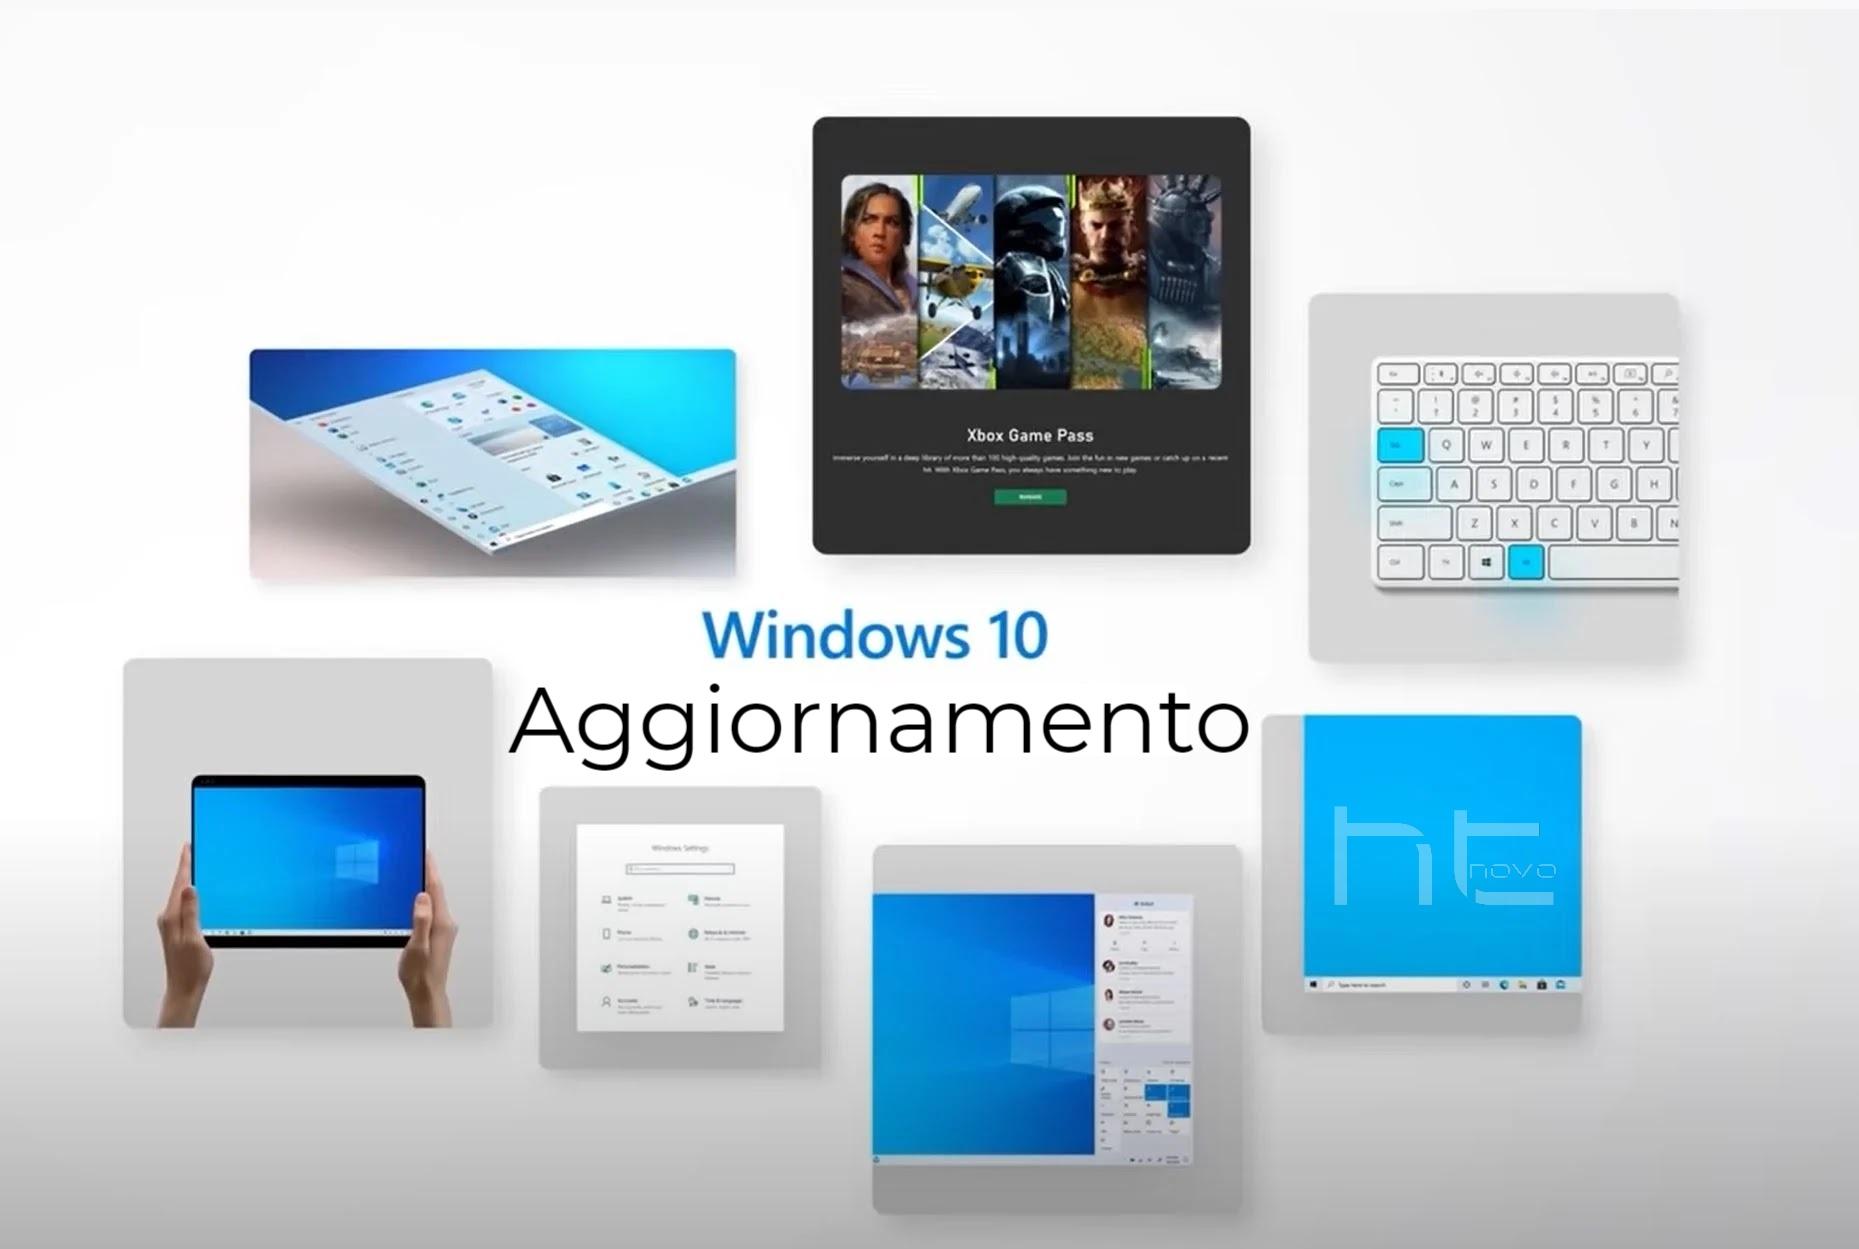 Aggiornamento cumulativo per Windows 10 Versione 20H2 - Build 19042.662